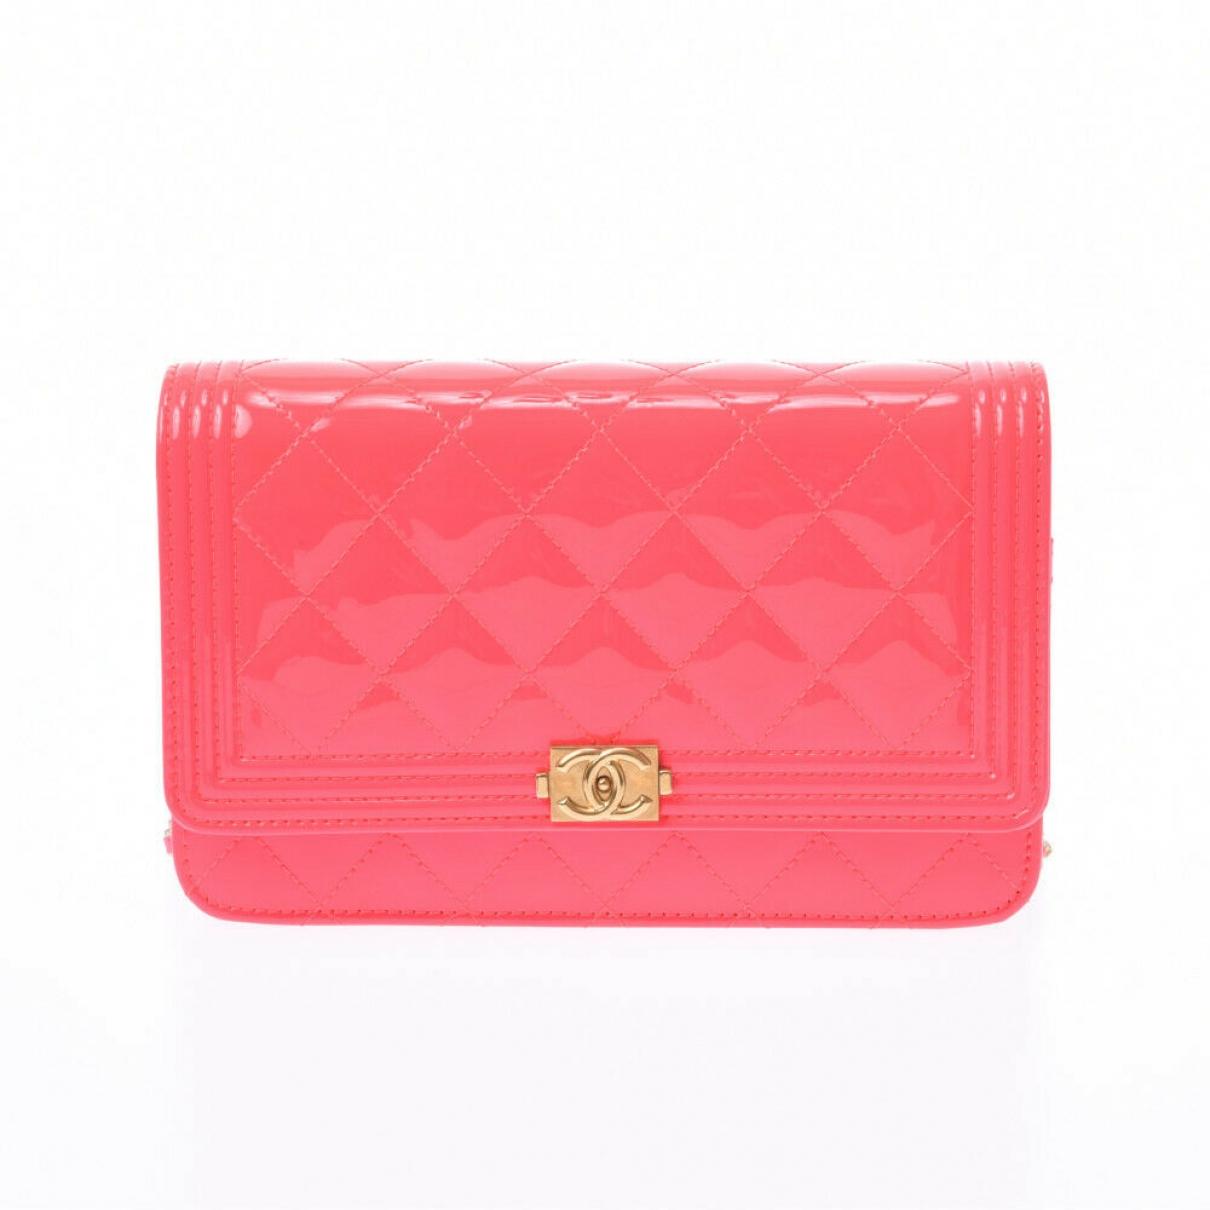 Chanel - Pochette Boy pour femme en cuir verni - rose